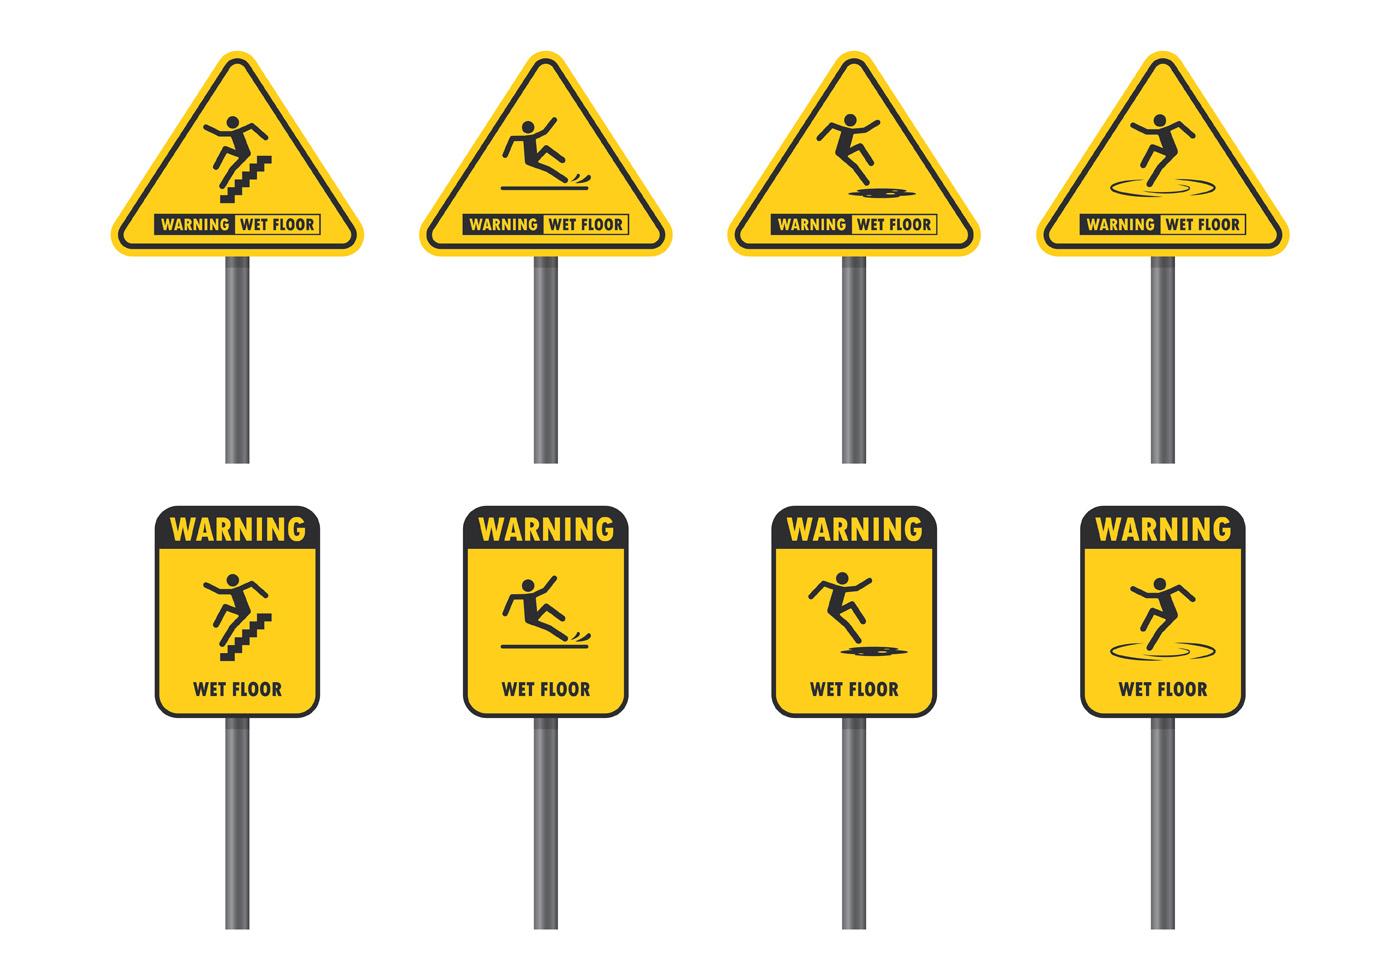 Warning Sign For Wet Floor Download Free Vector Art